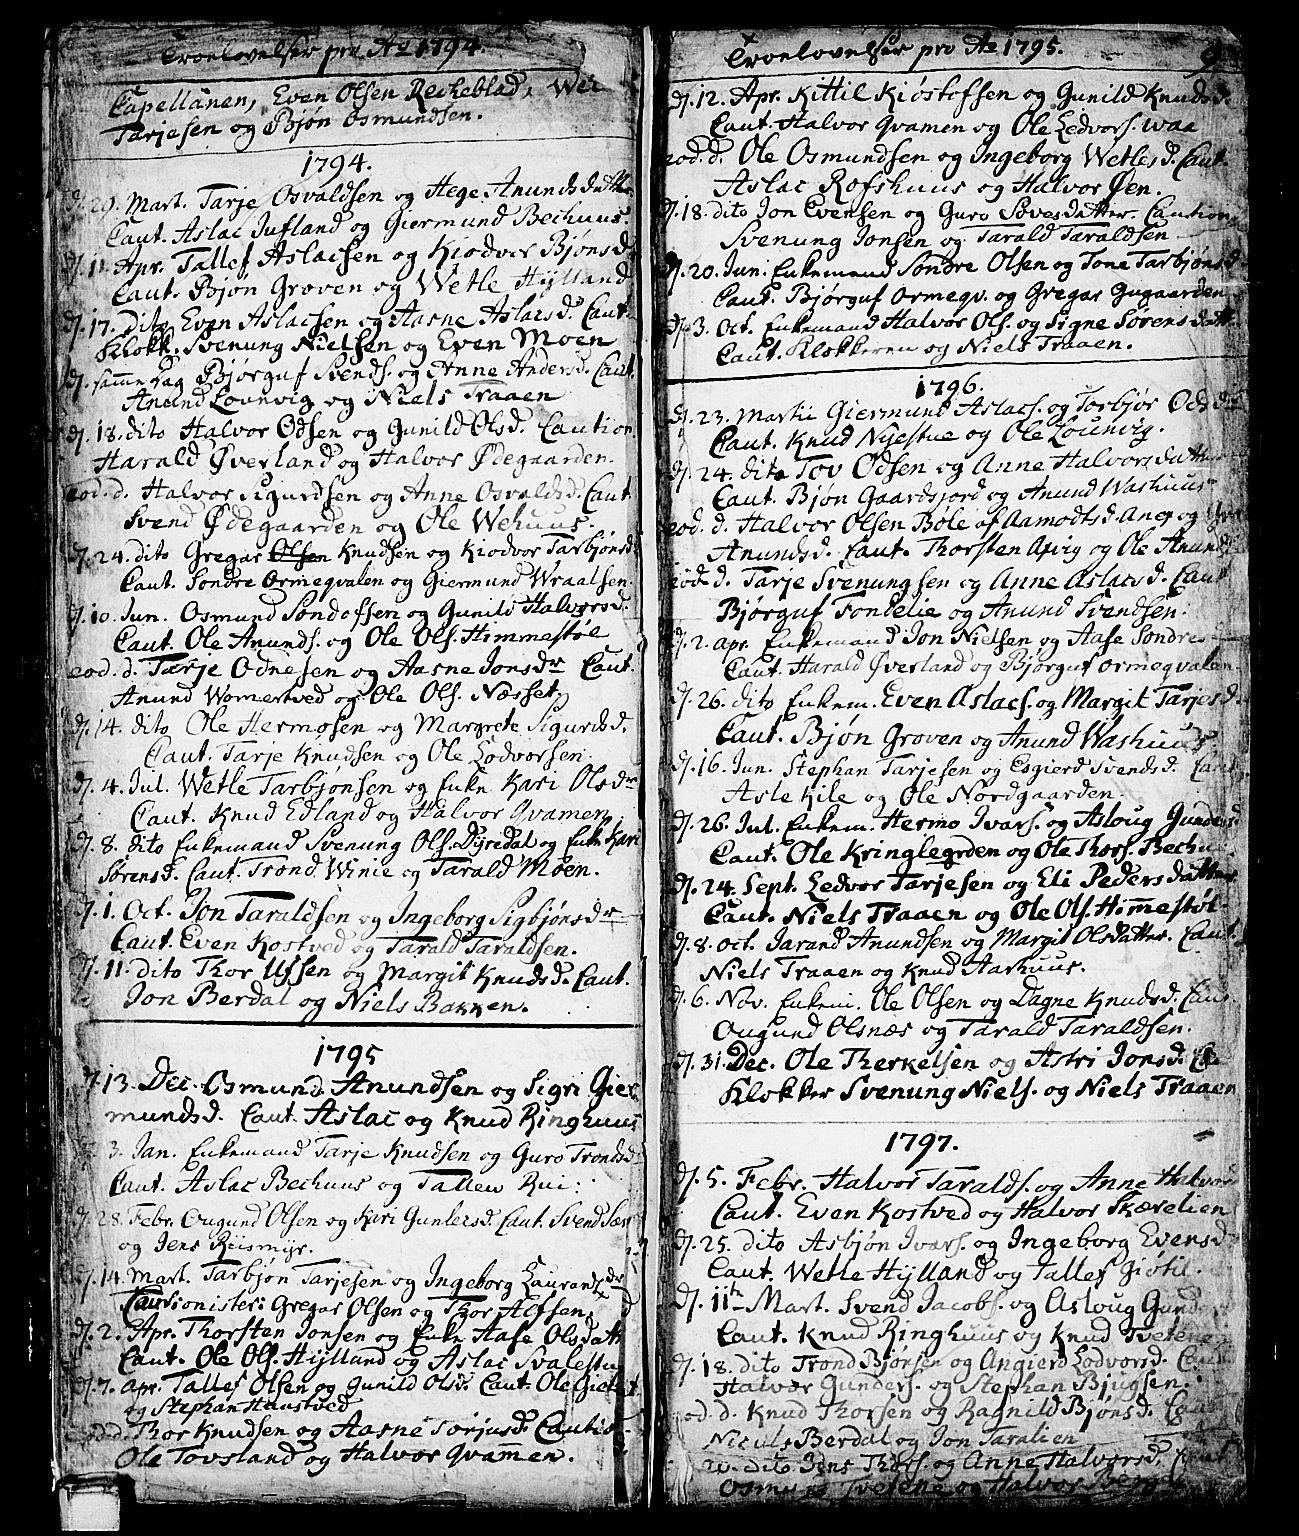 SAKO, Vinje kirkebøker, F/Fa/L0002: Ministerialbok nr. I 2, 1767-1814, s. 9